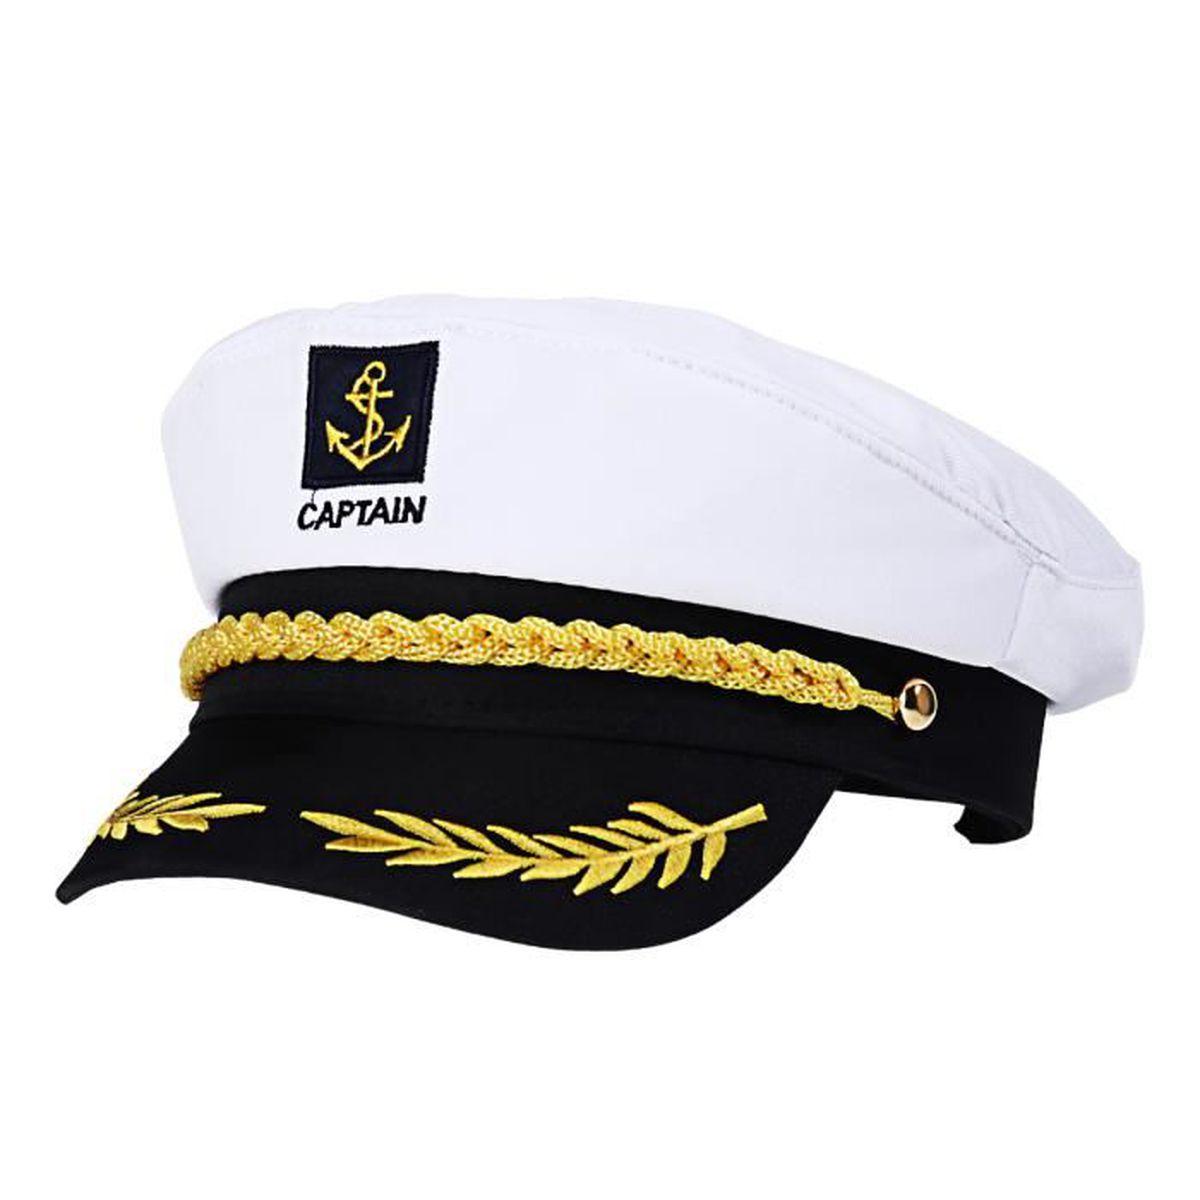 Casquette d/' Amiral de Marin Capitaine,Croisière,Yacht,Marine,Accessoires,Fête